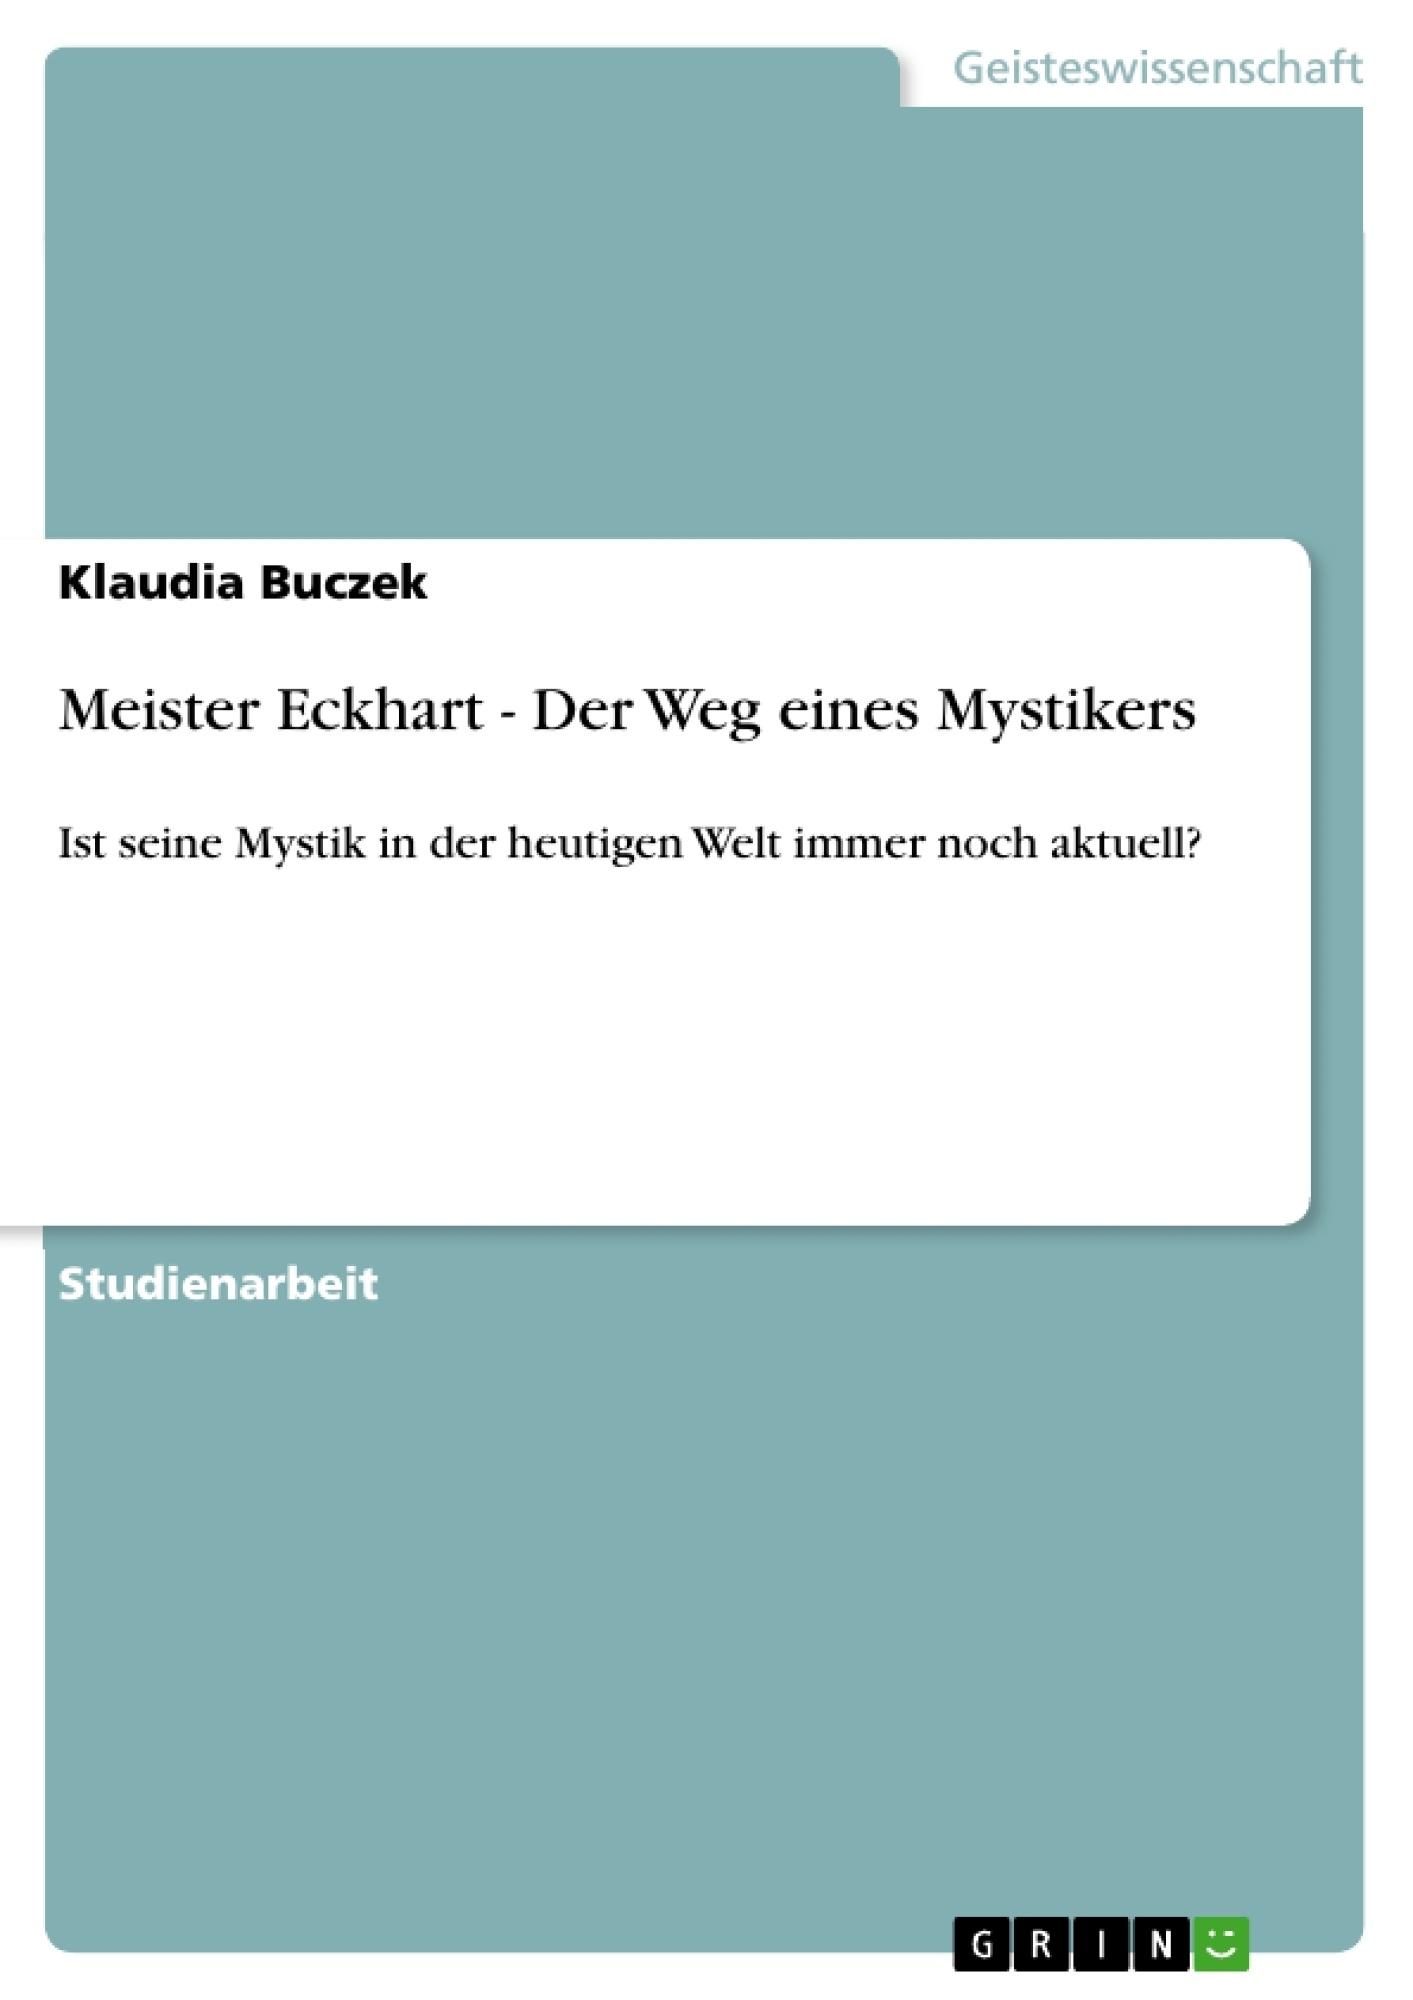 Titel: Meister Eckhart - Der Weg eines Mystikers